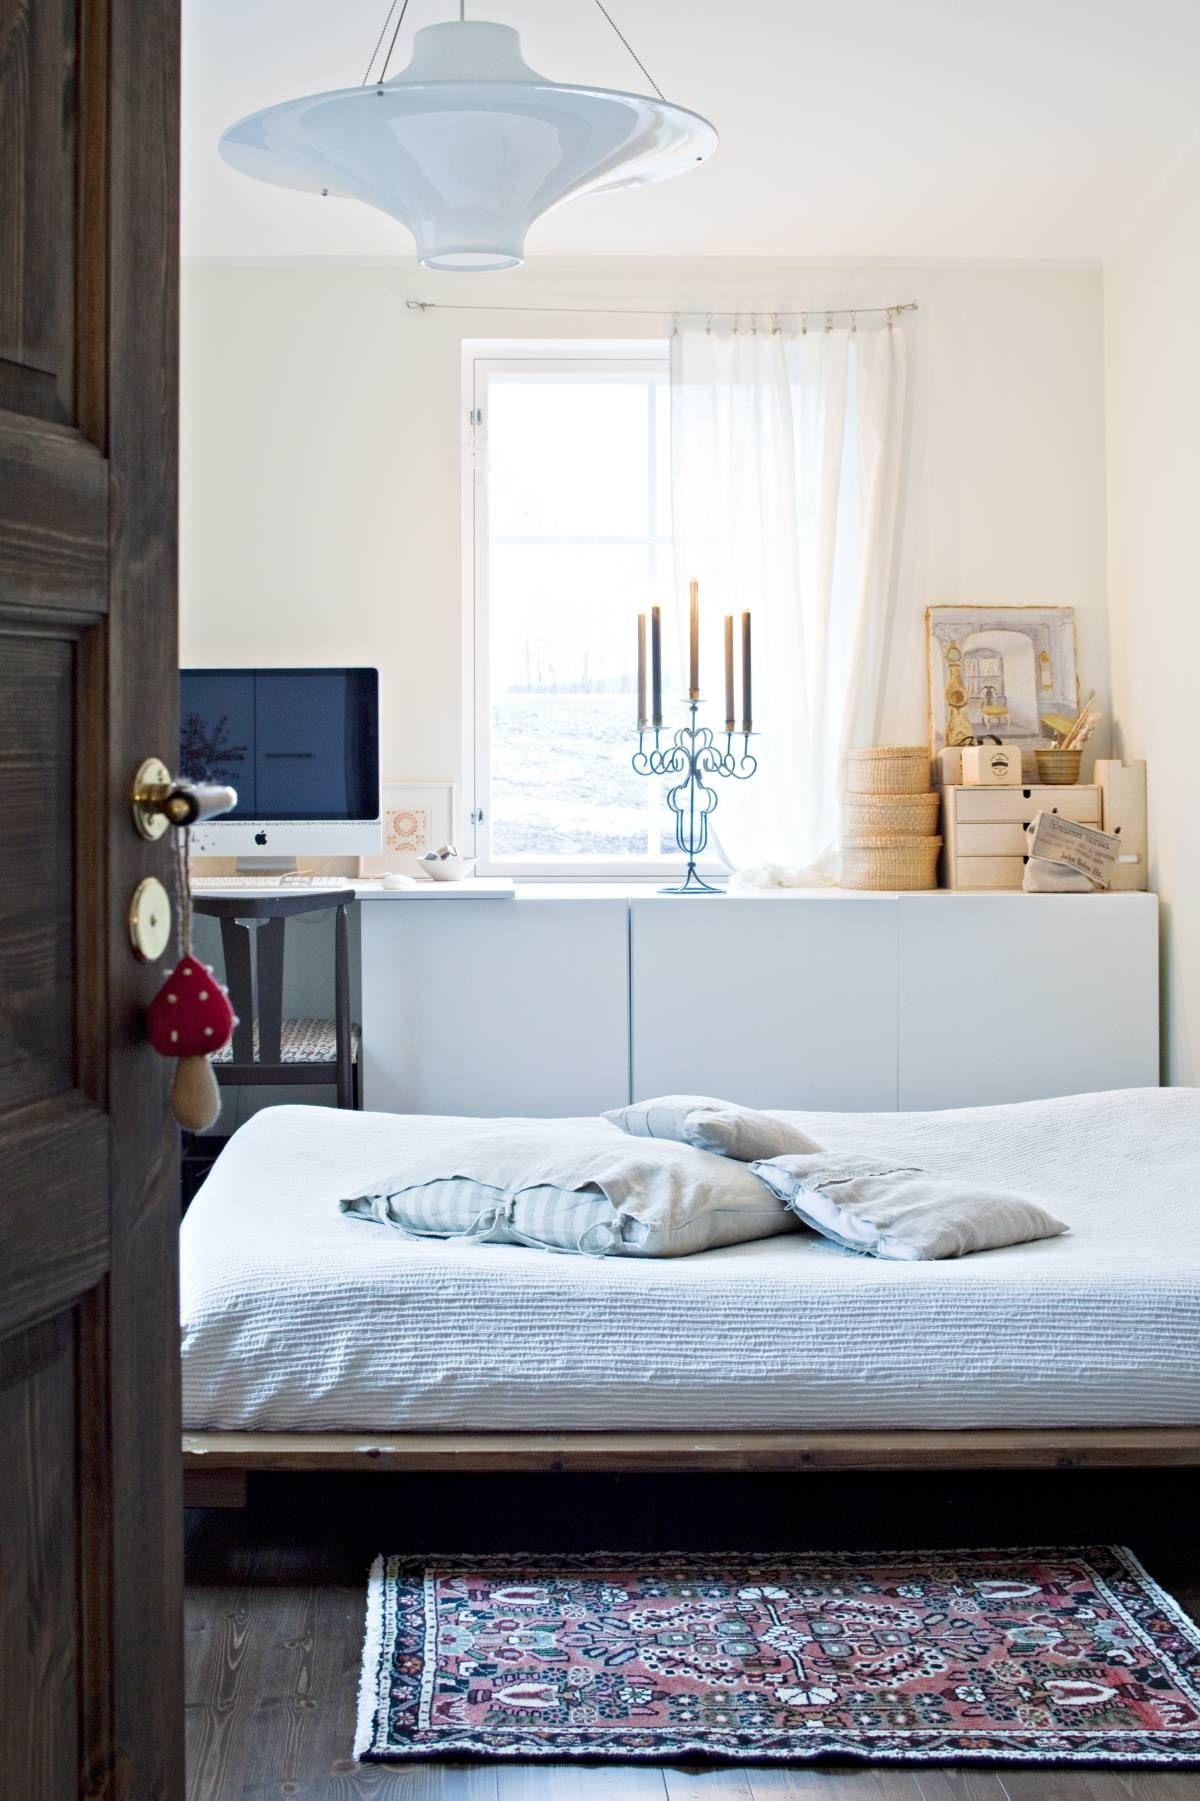 Makuuhuonetta valaisee Yki Nummen Lokki, jonka Kirsi-Marjan äiti on ostanut nuorena. Mummilta ja vaarilta peritty vanha taulu on löytänyt paikkansa nurkasta Ikean Bestå-kaapiston päältä. Myös vanha tuoli on mummilta ja vaarilta, Kirsi-Marja on päällystänyt sen.